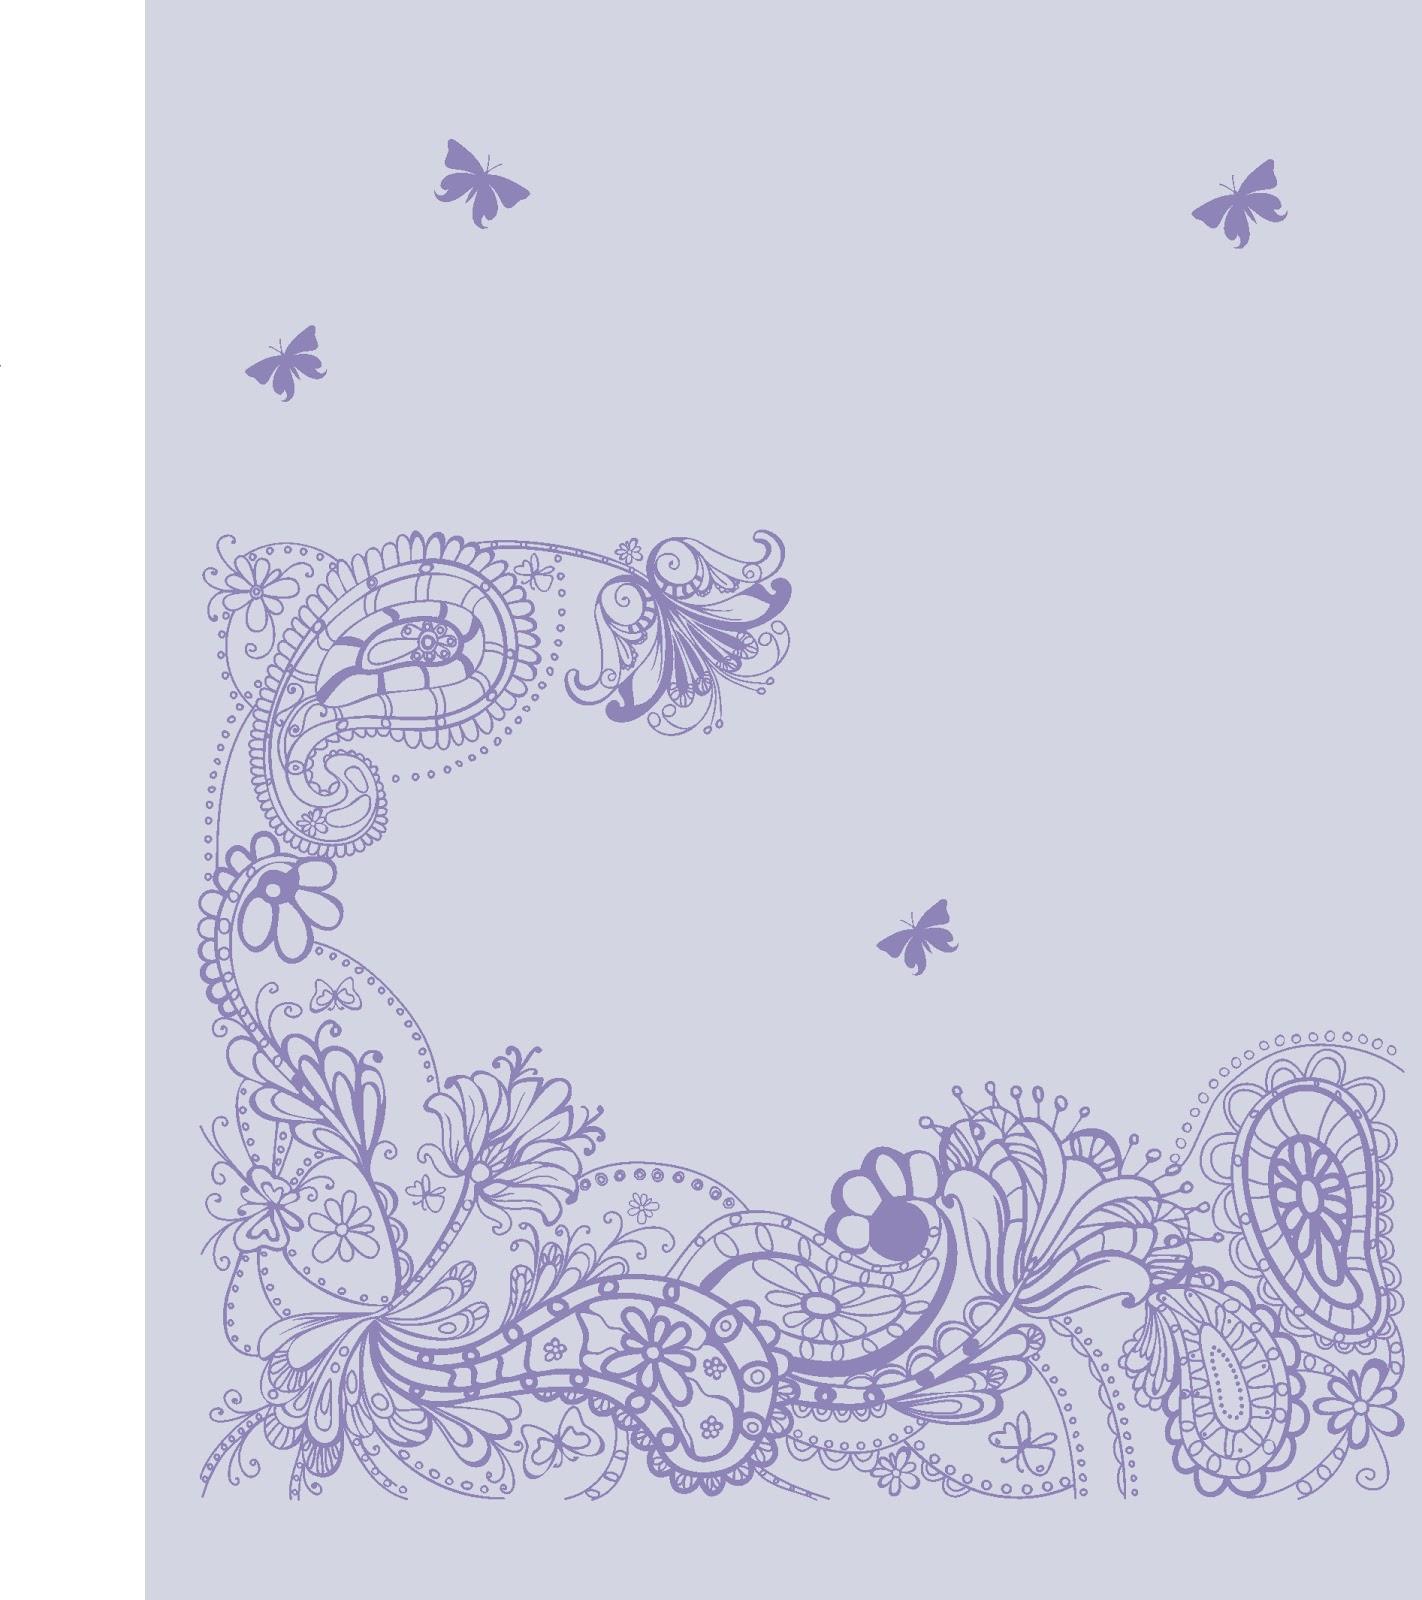 Decorativa vinilos para tu hogar dibujos y dise os en - Disenos de vinilos ...